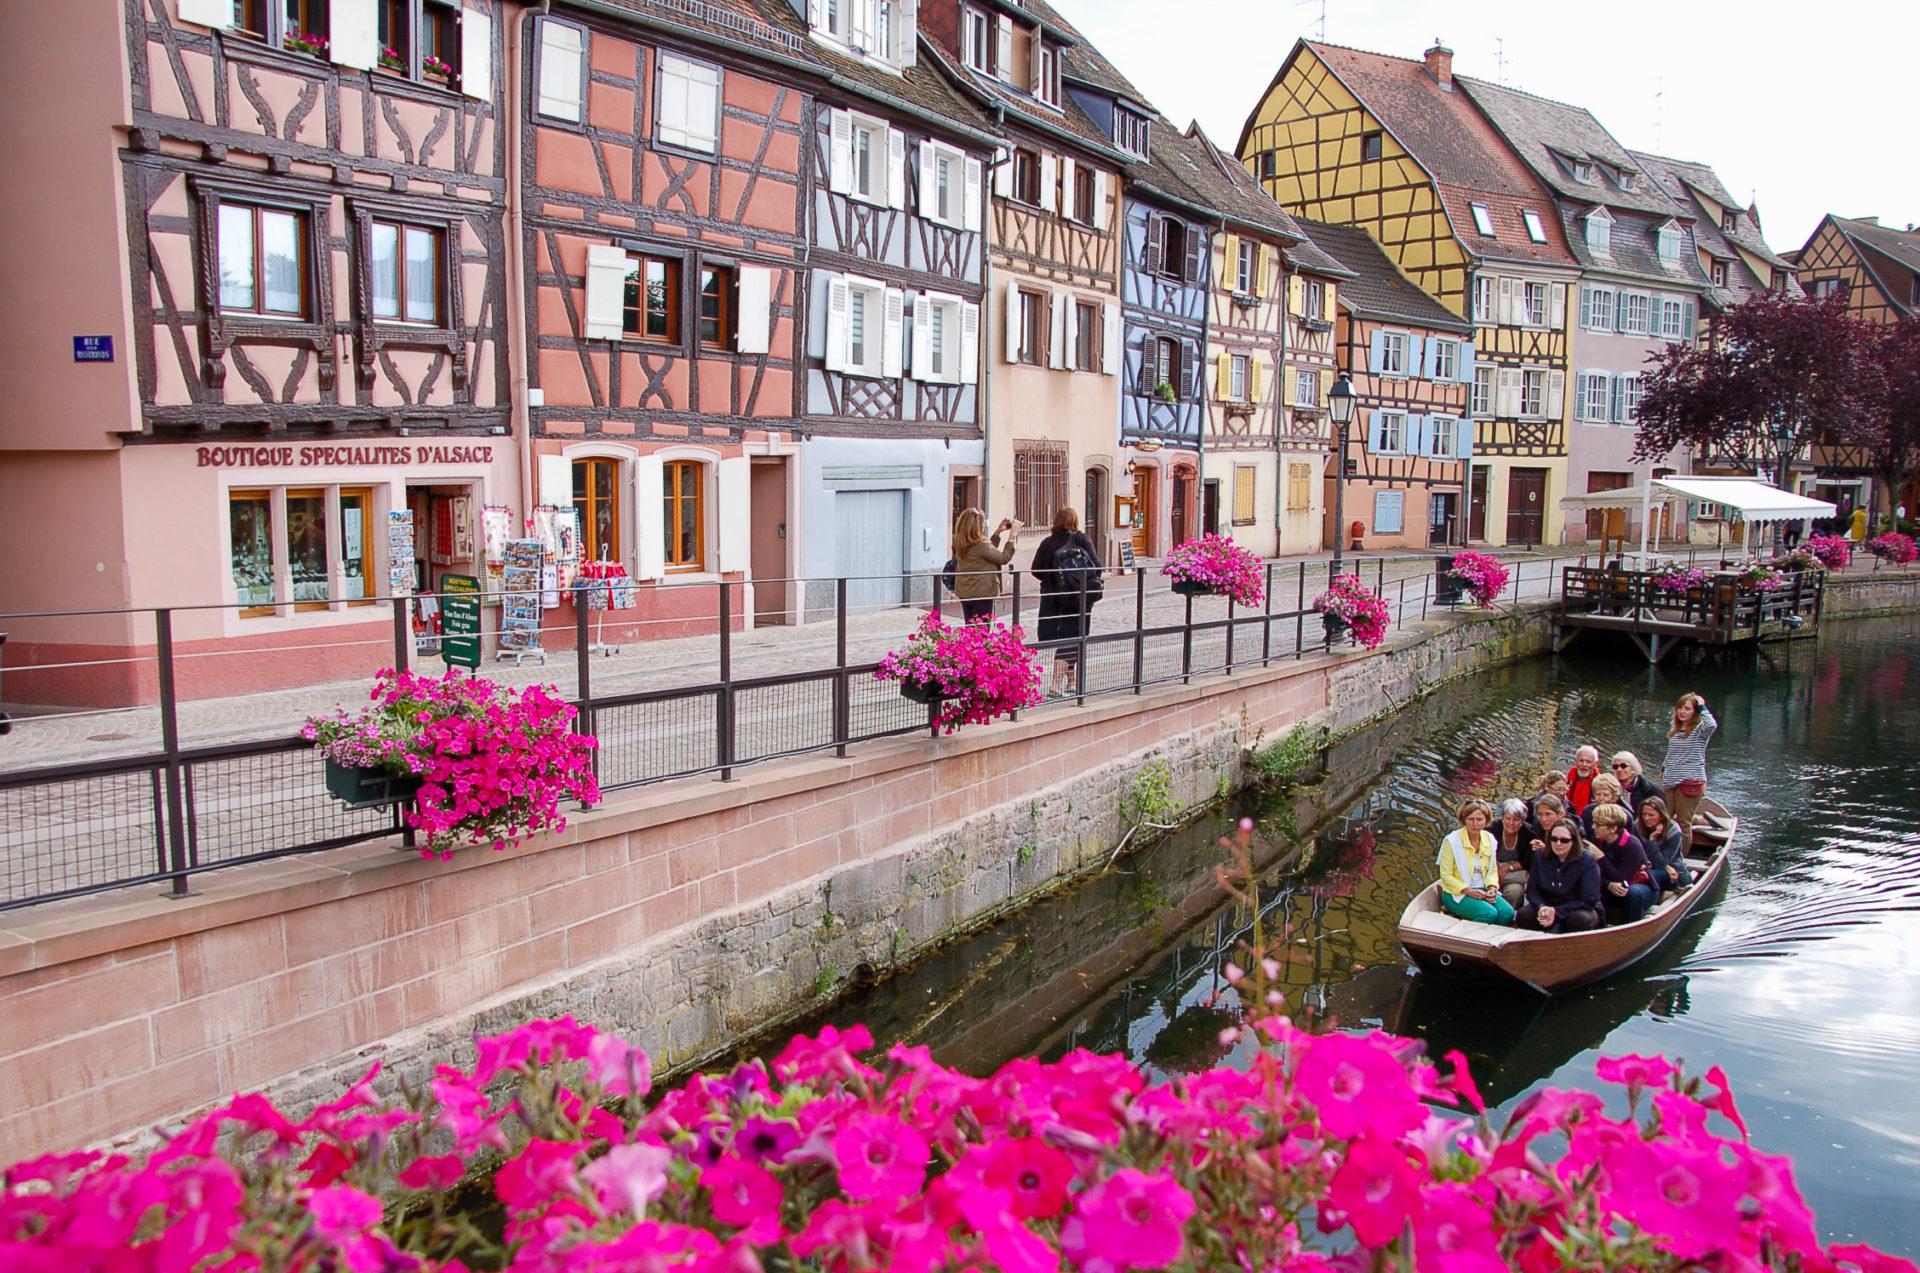 Kanal und Blumen mit Fachwerkhäusern in Colmar im Elsass